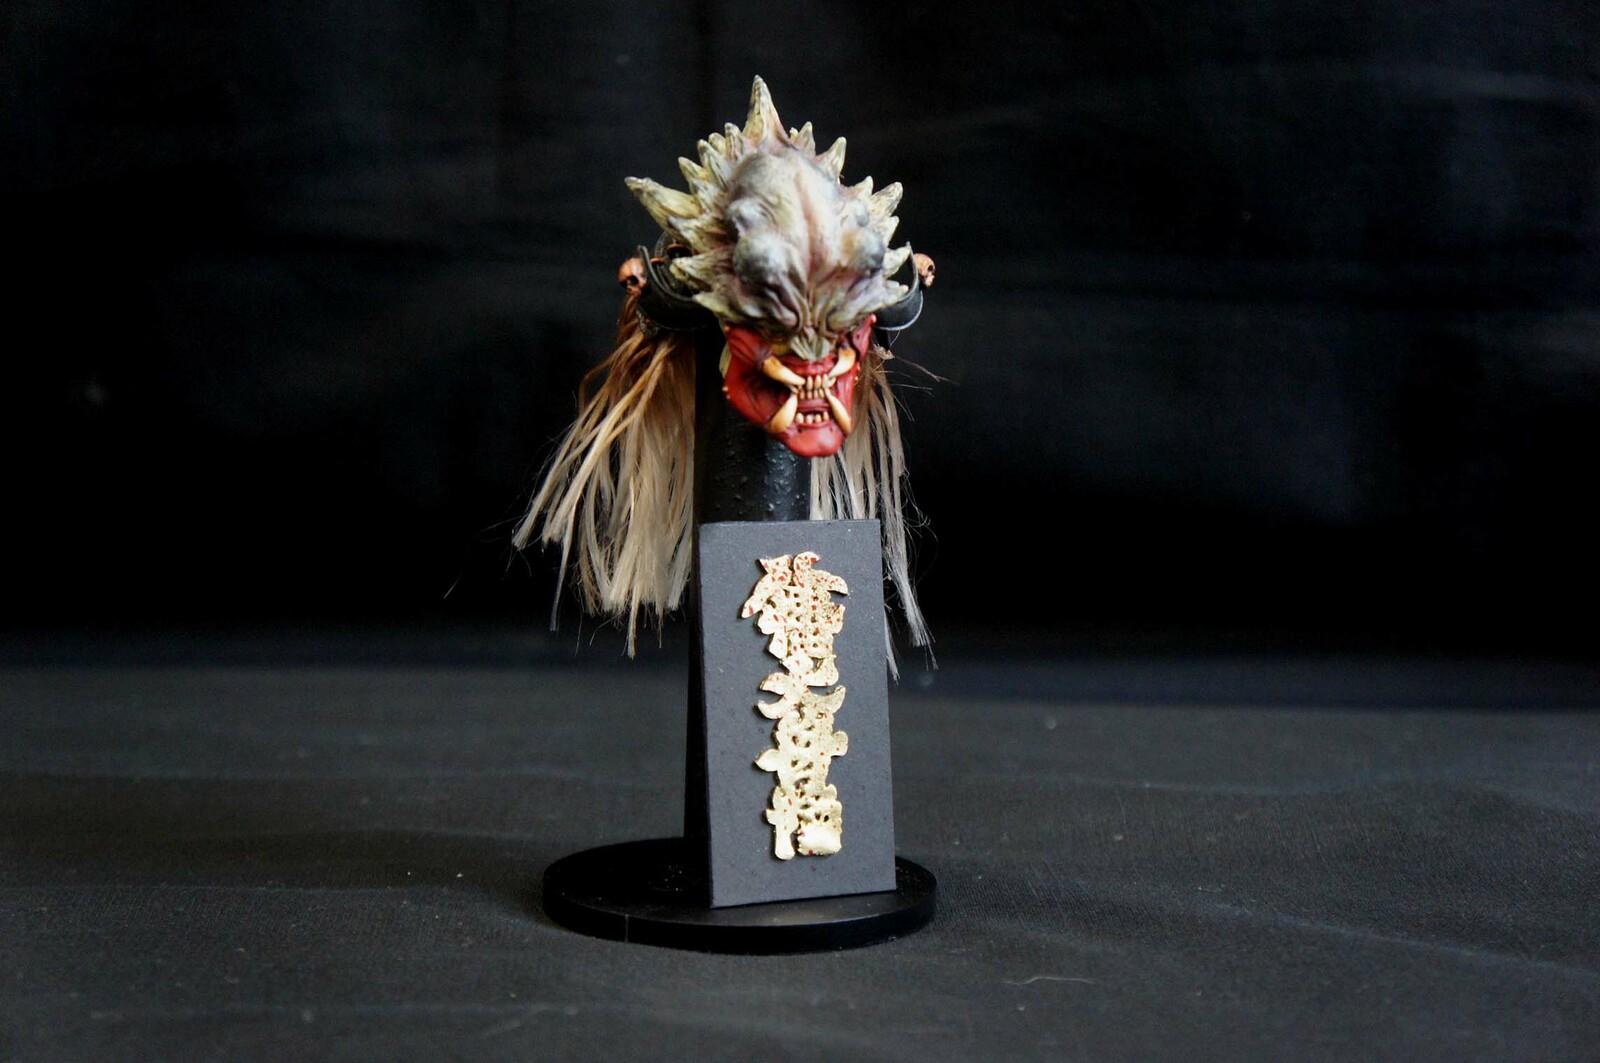 """鬼侍 (サムライ・プレデター) 完成品 黒澤明の映画「乱」のカラーコンセプトベース Samurai Predator  color concept base from Akira Kurosawa's film """"Ran"""""""